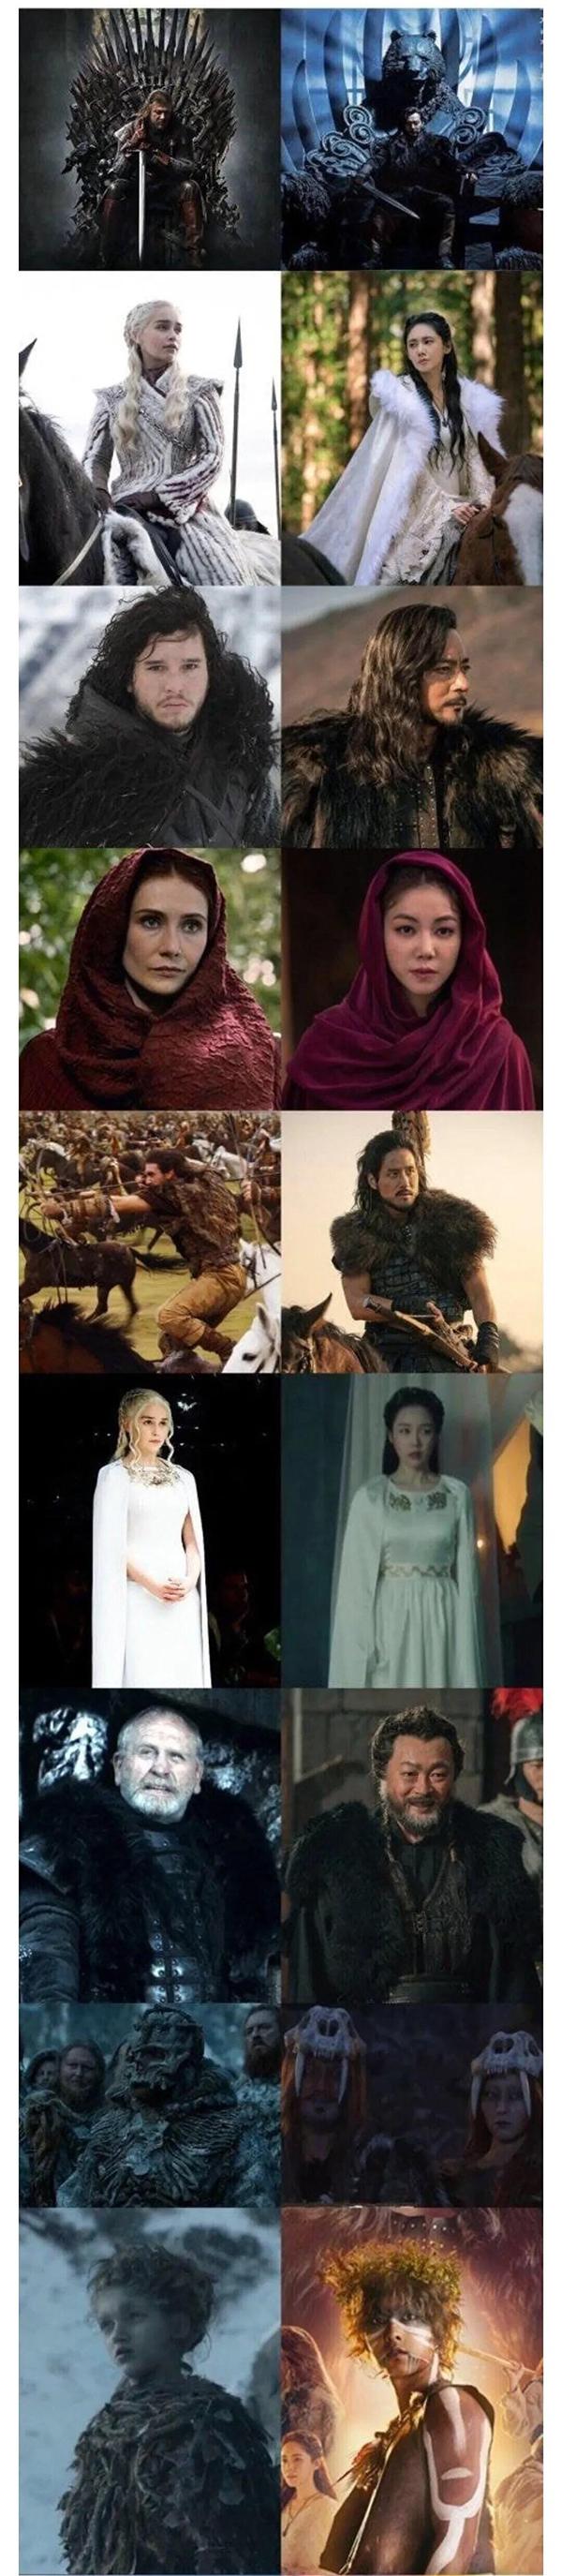 Một số điểm trùng hợp giữa Biên niên ký Arthdal (phải) và Game of Thrones (trái).